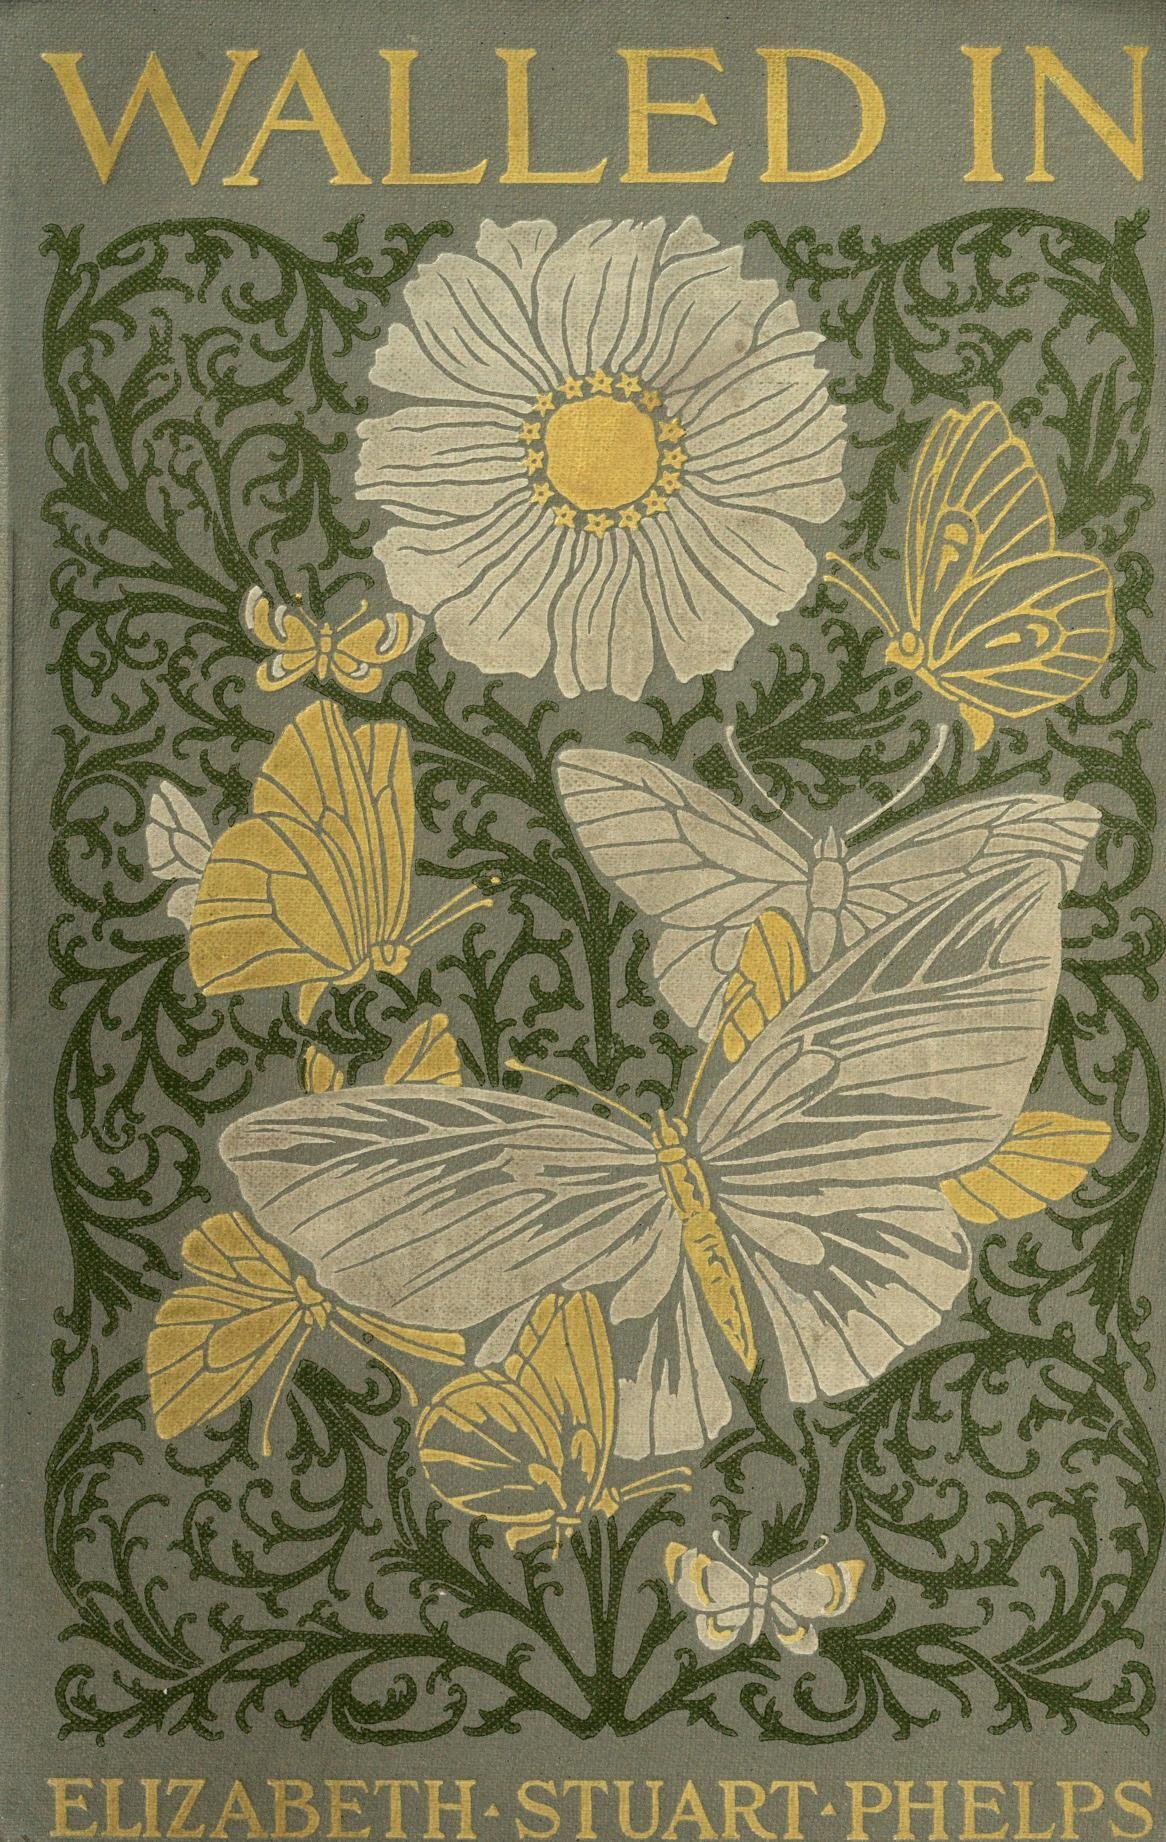 """""""Walled in a novel"""" by Elizabeth Stuart Phelps"""